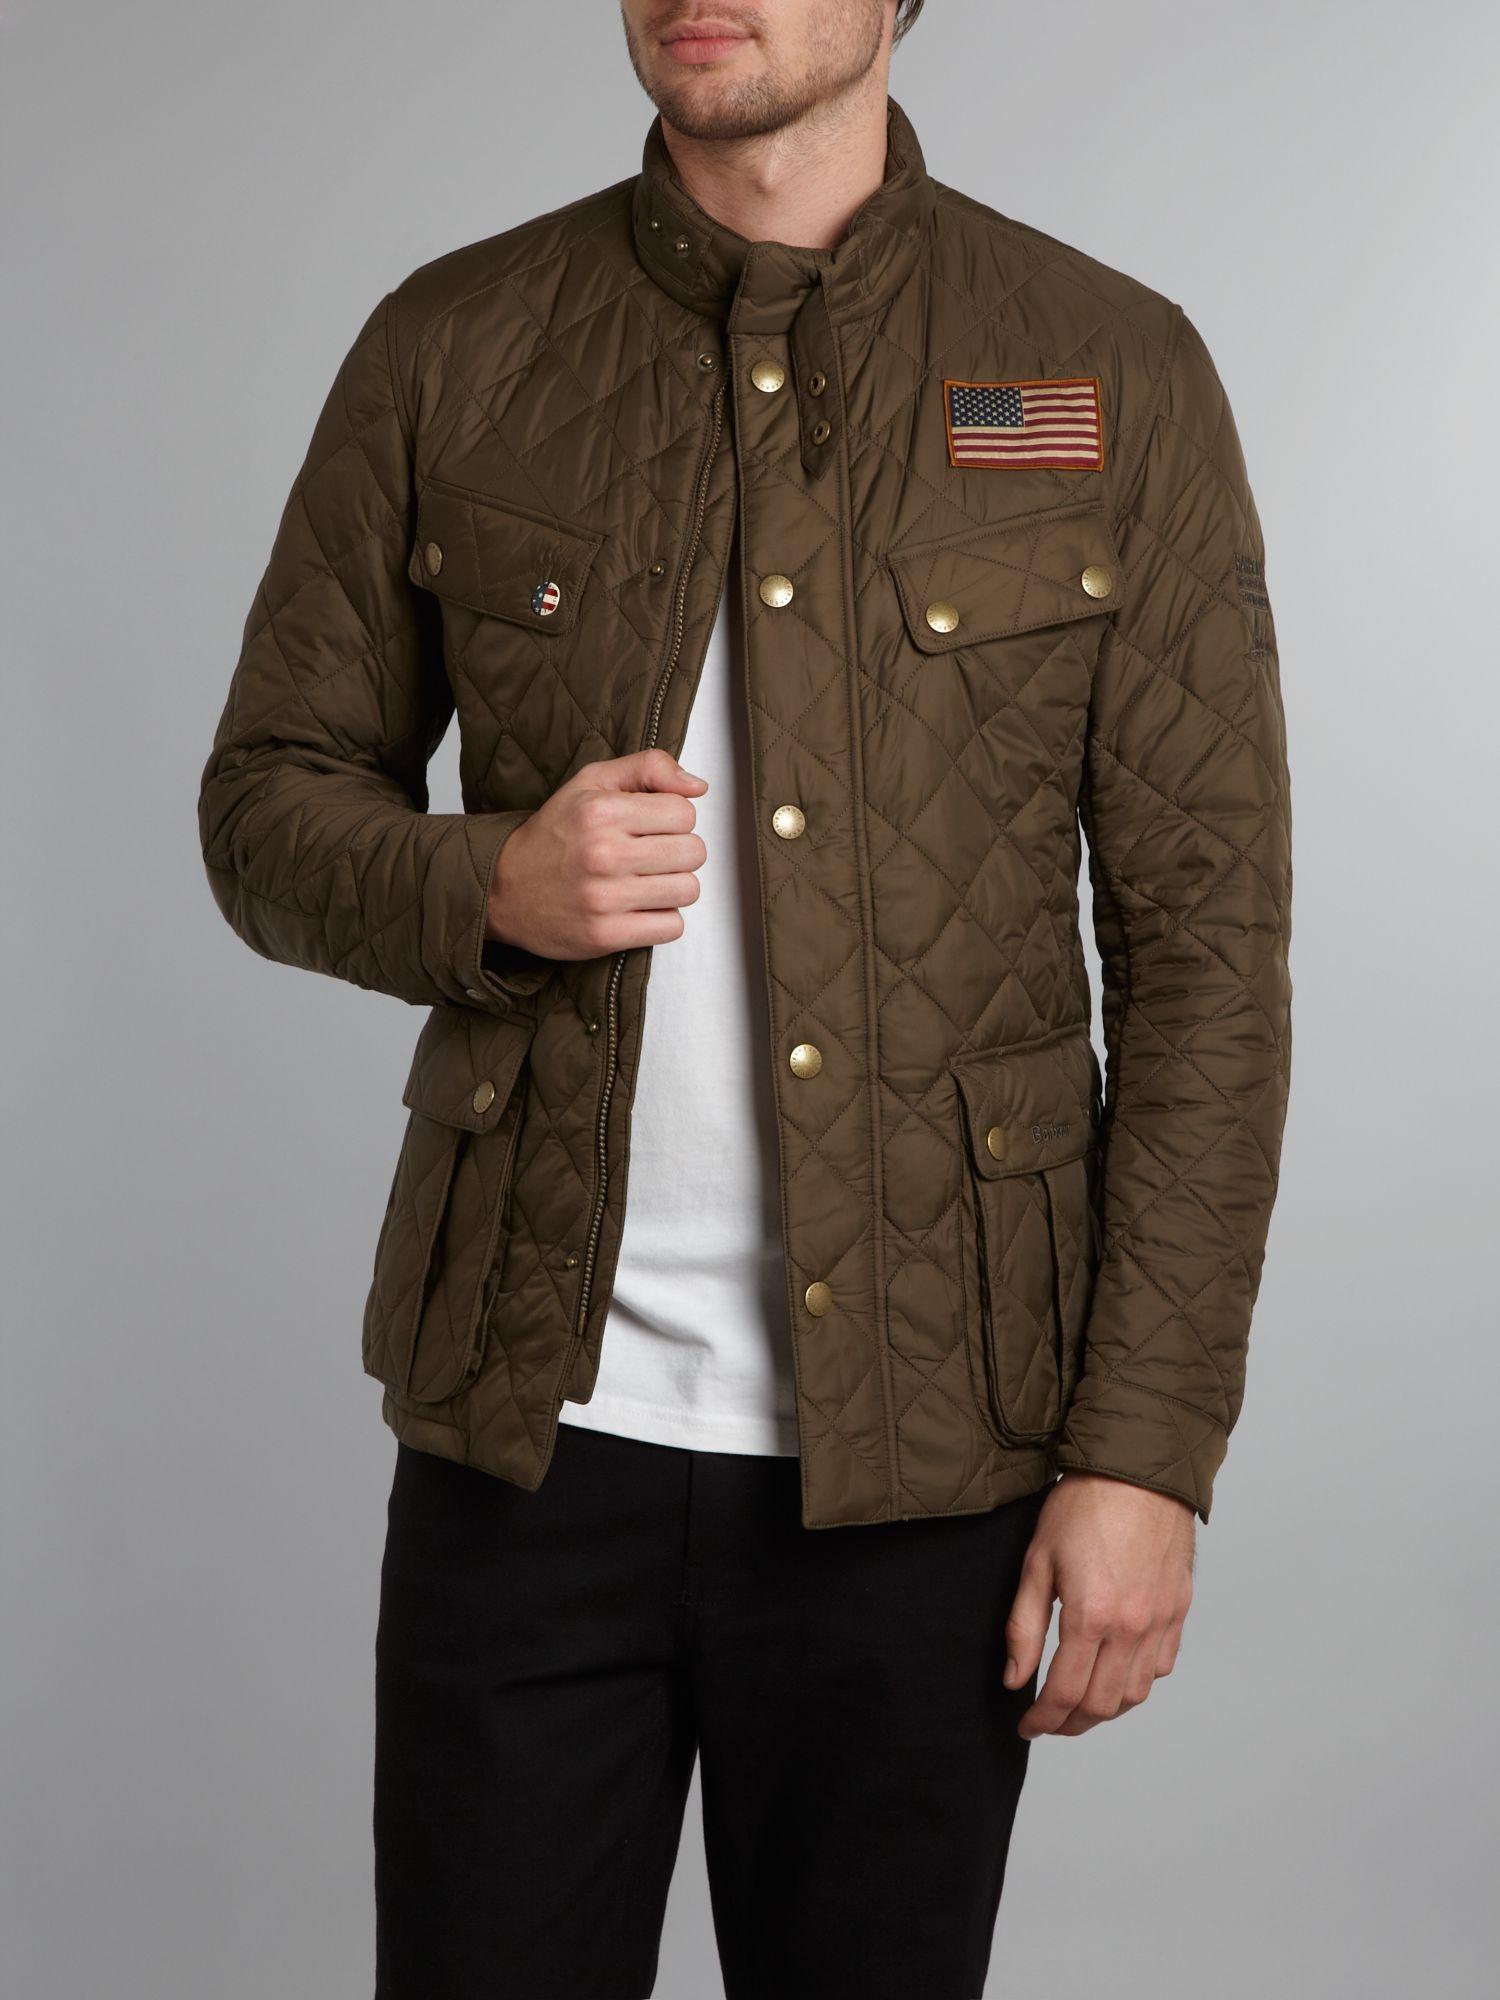 Barbour Quilted Steve Mcqueen Jefferies Jacket in Green for Men | Lyst : steve mcqueen quilted jacket - Adamdwight.com